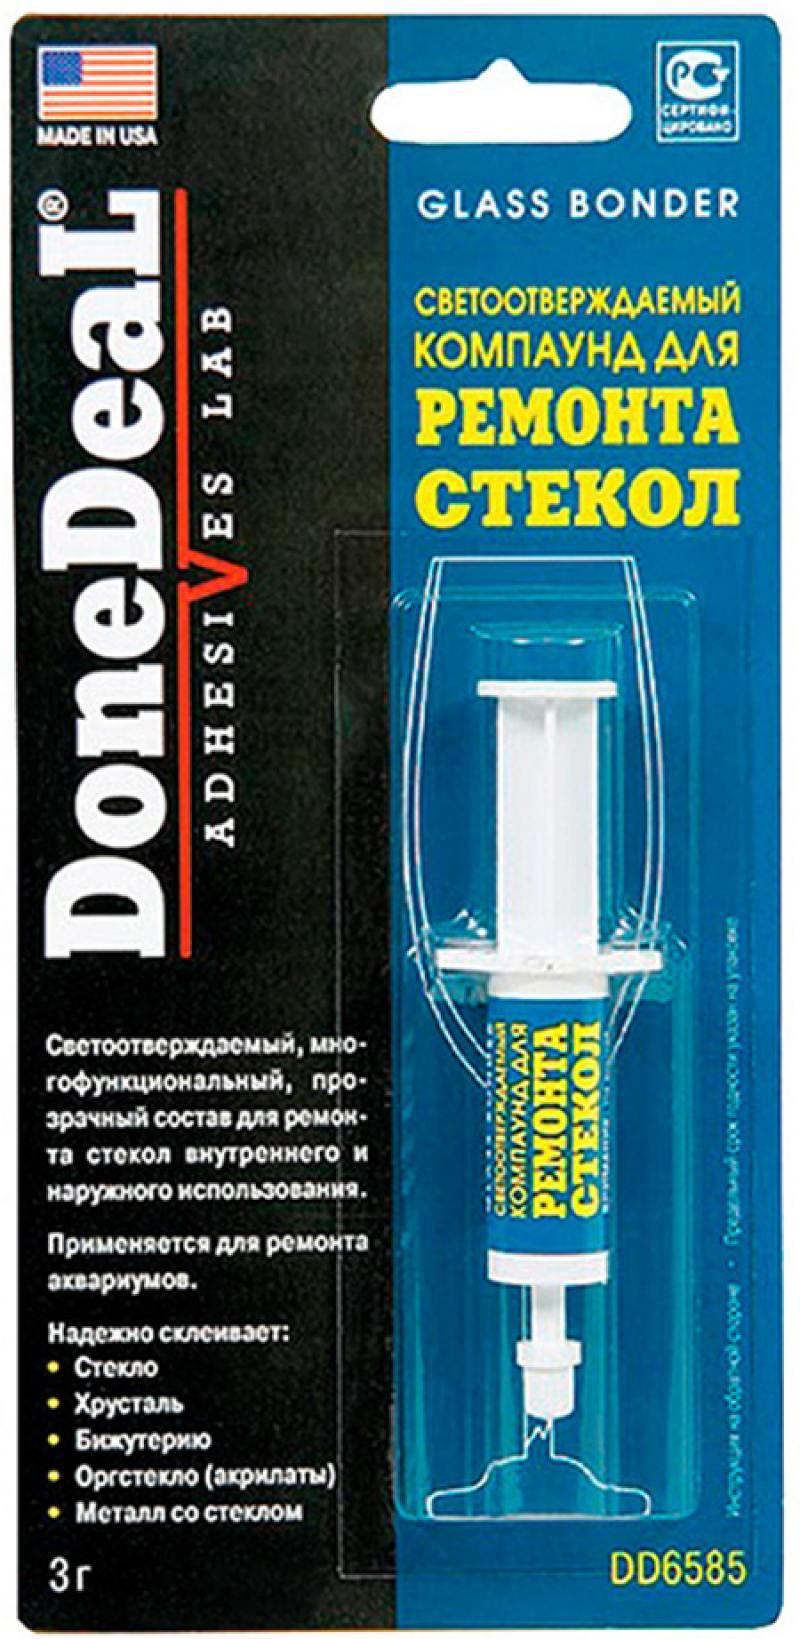 Адгезив для приклеивания стекла Done Deal DD 6585 набор для ремонта камер и надувных резиновых изделий done deal dd 0332